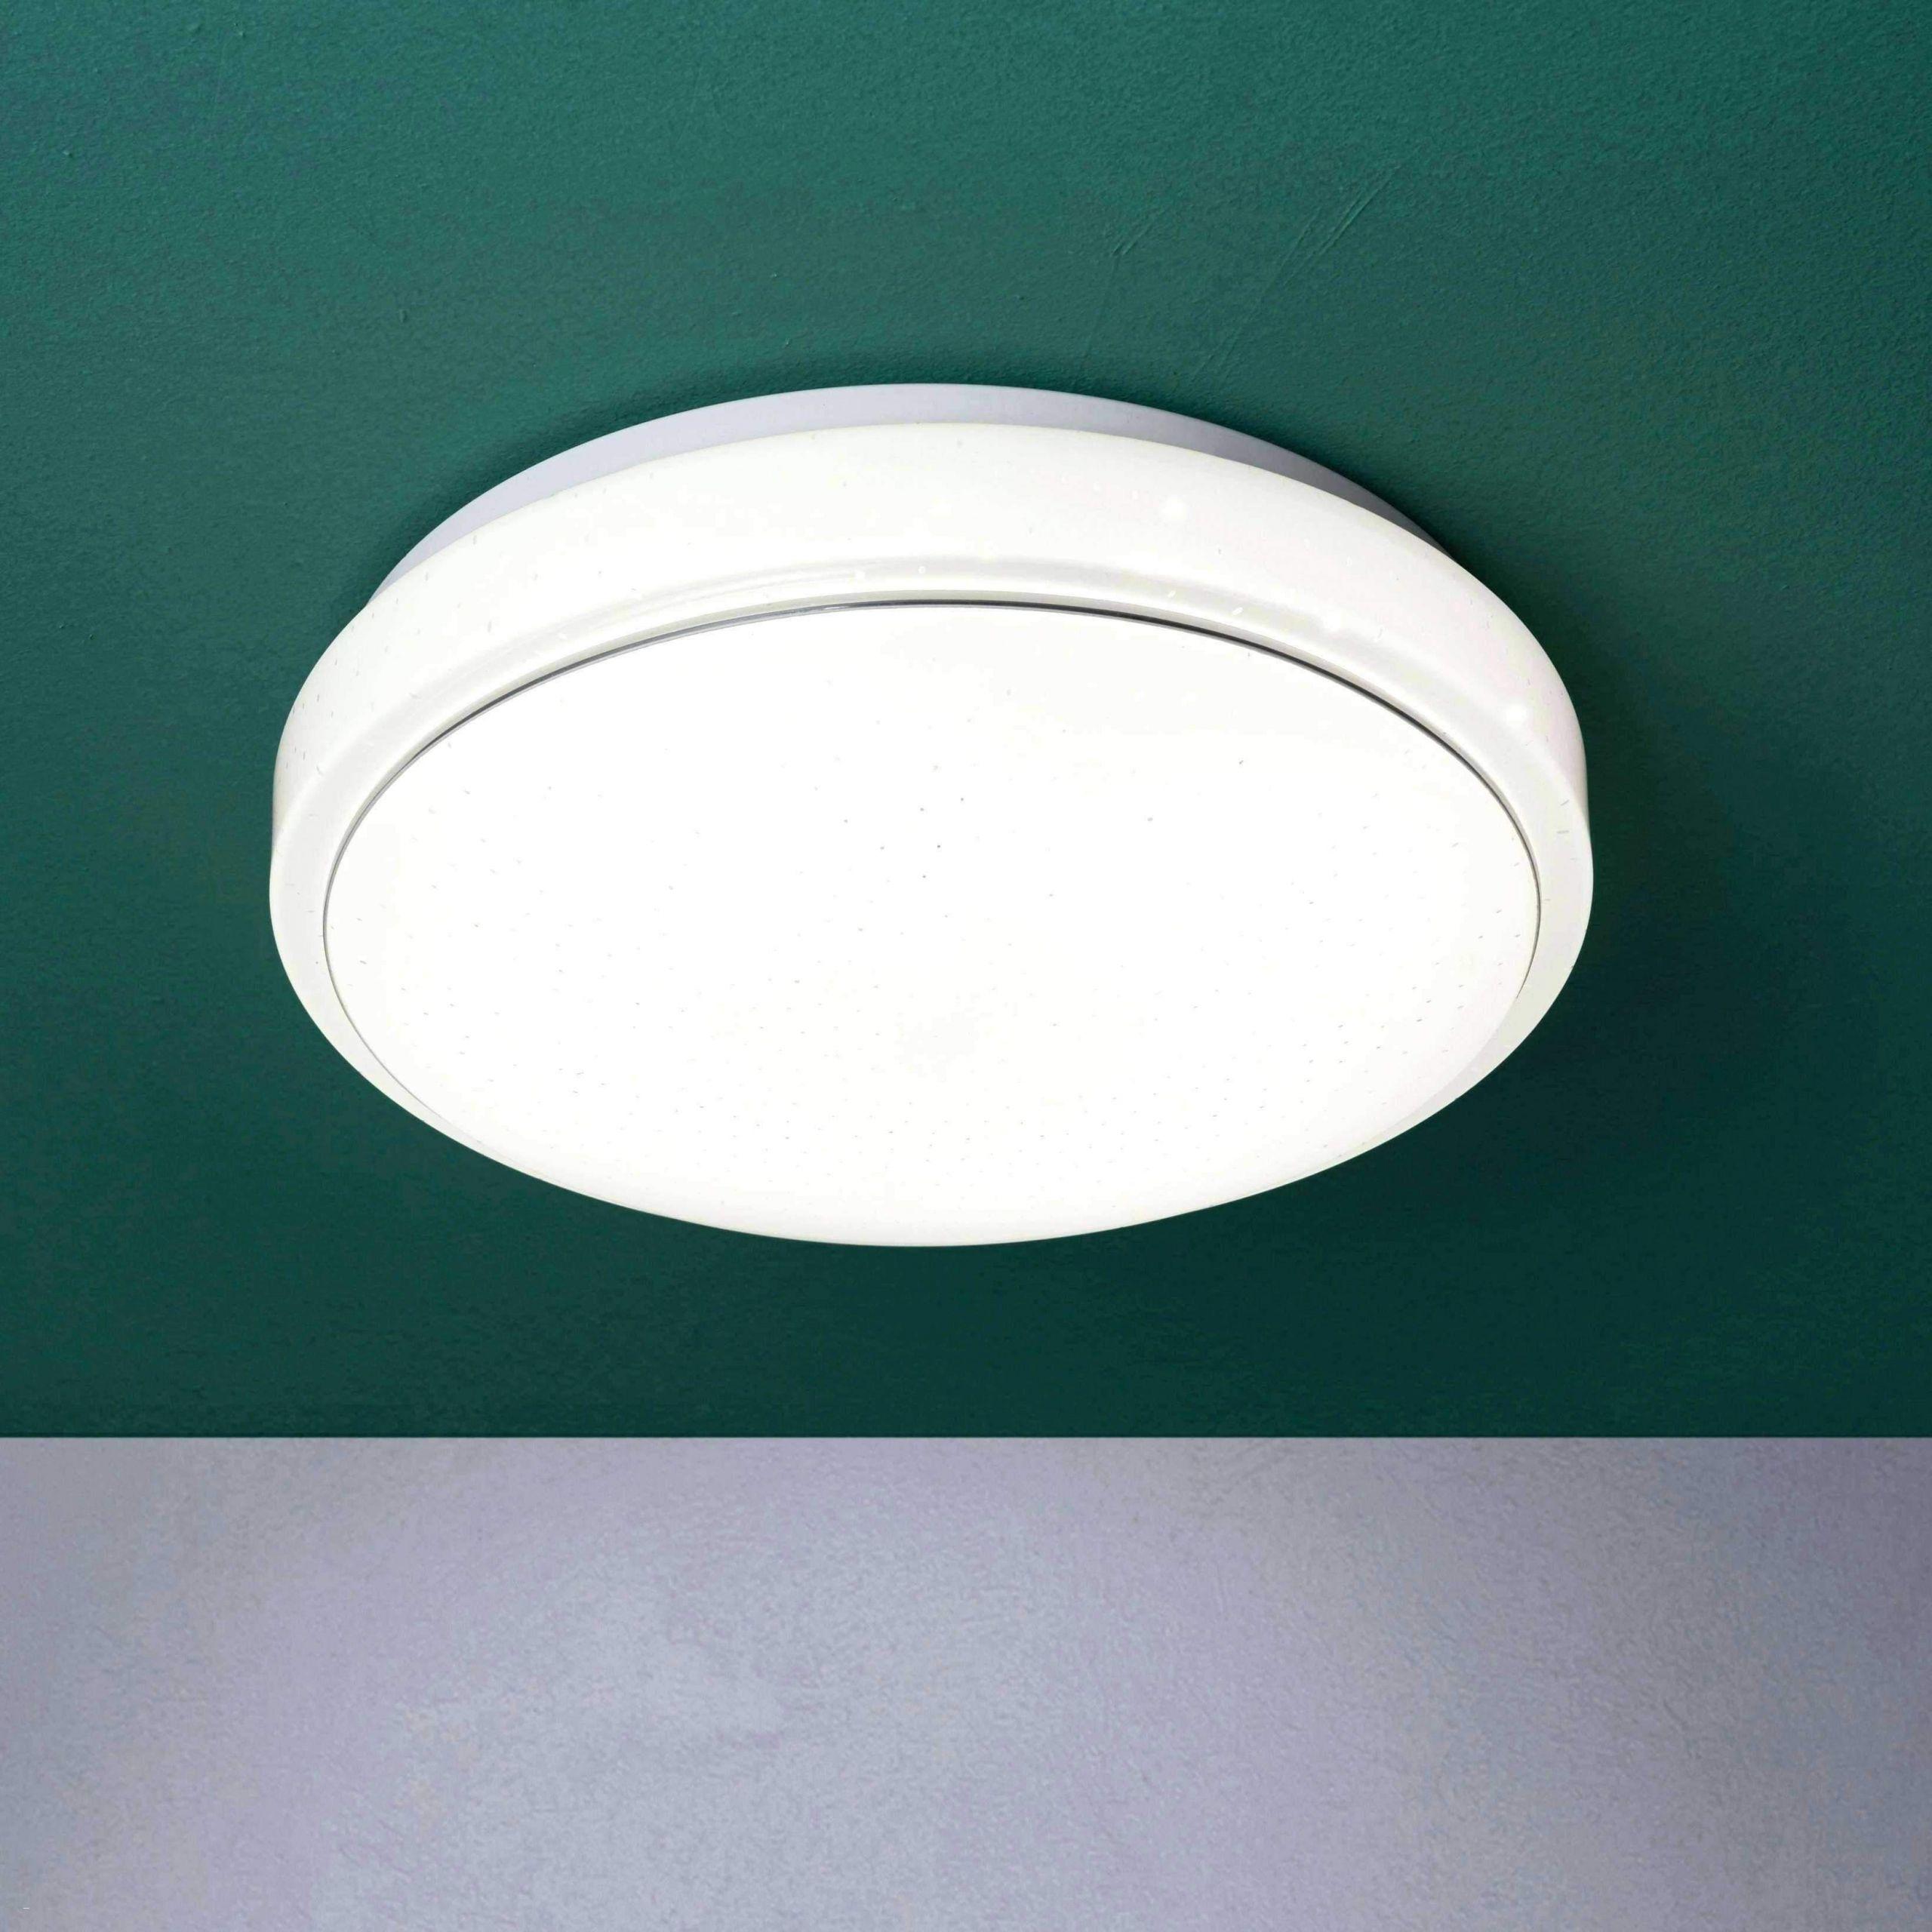 leuchten wohnzimmer inspirierend 40 beste von wohnzimmer lampen ideen meinung of leuchten wohnzimmer